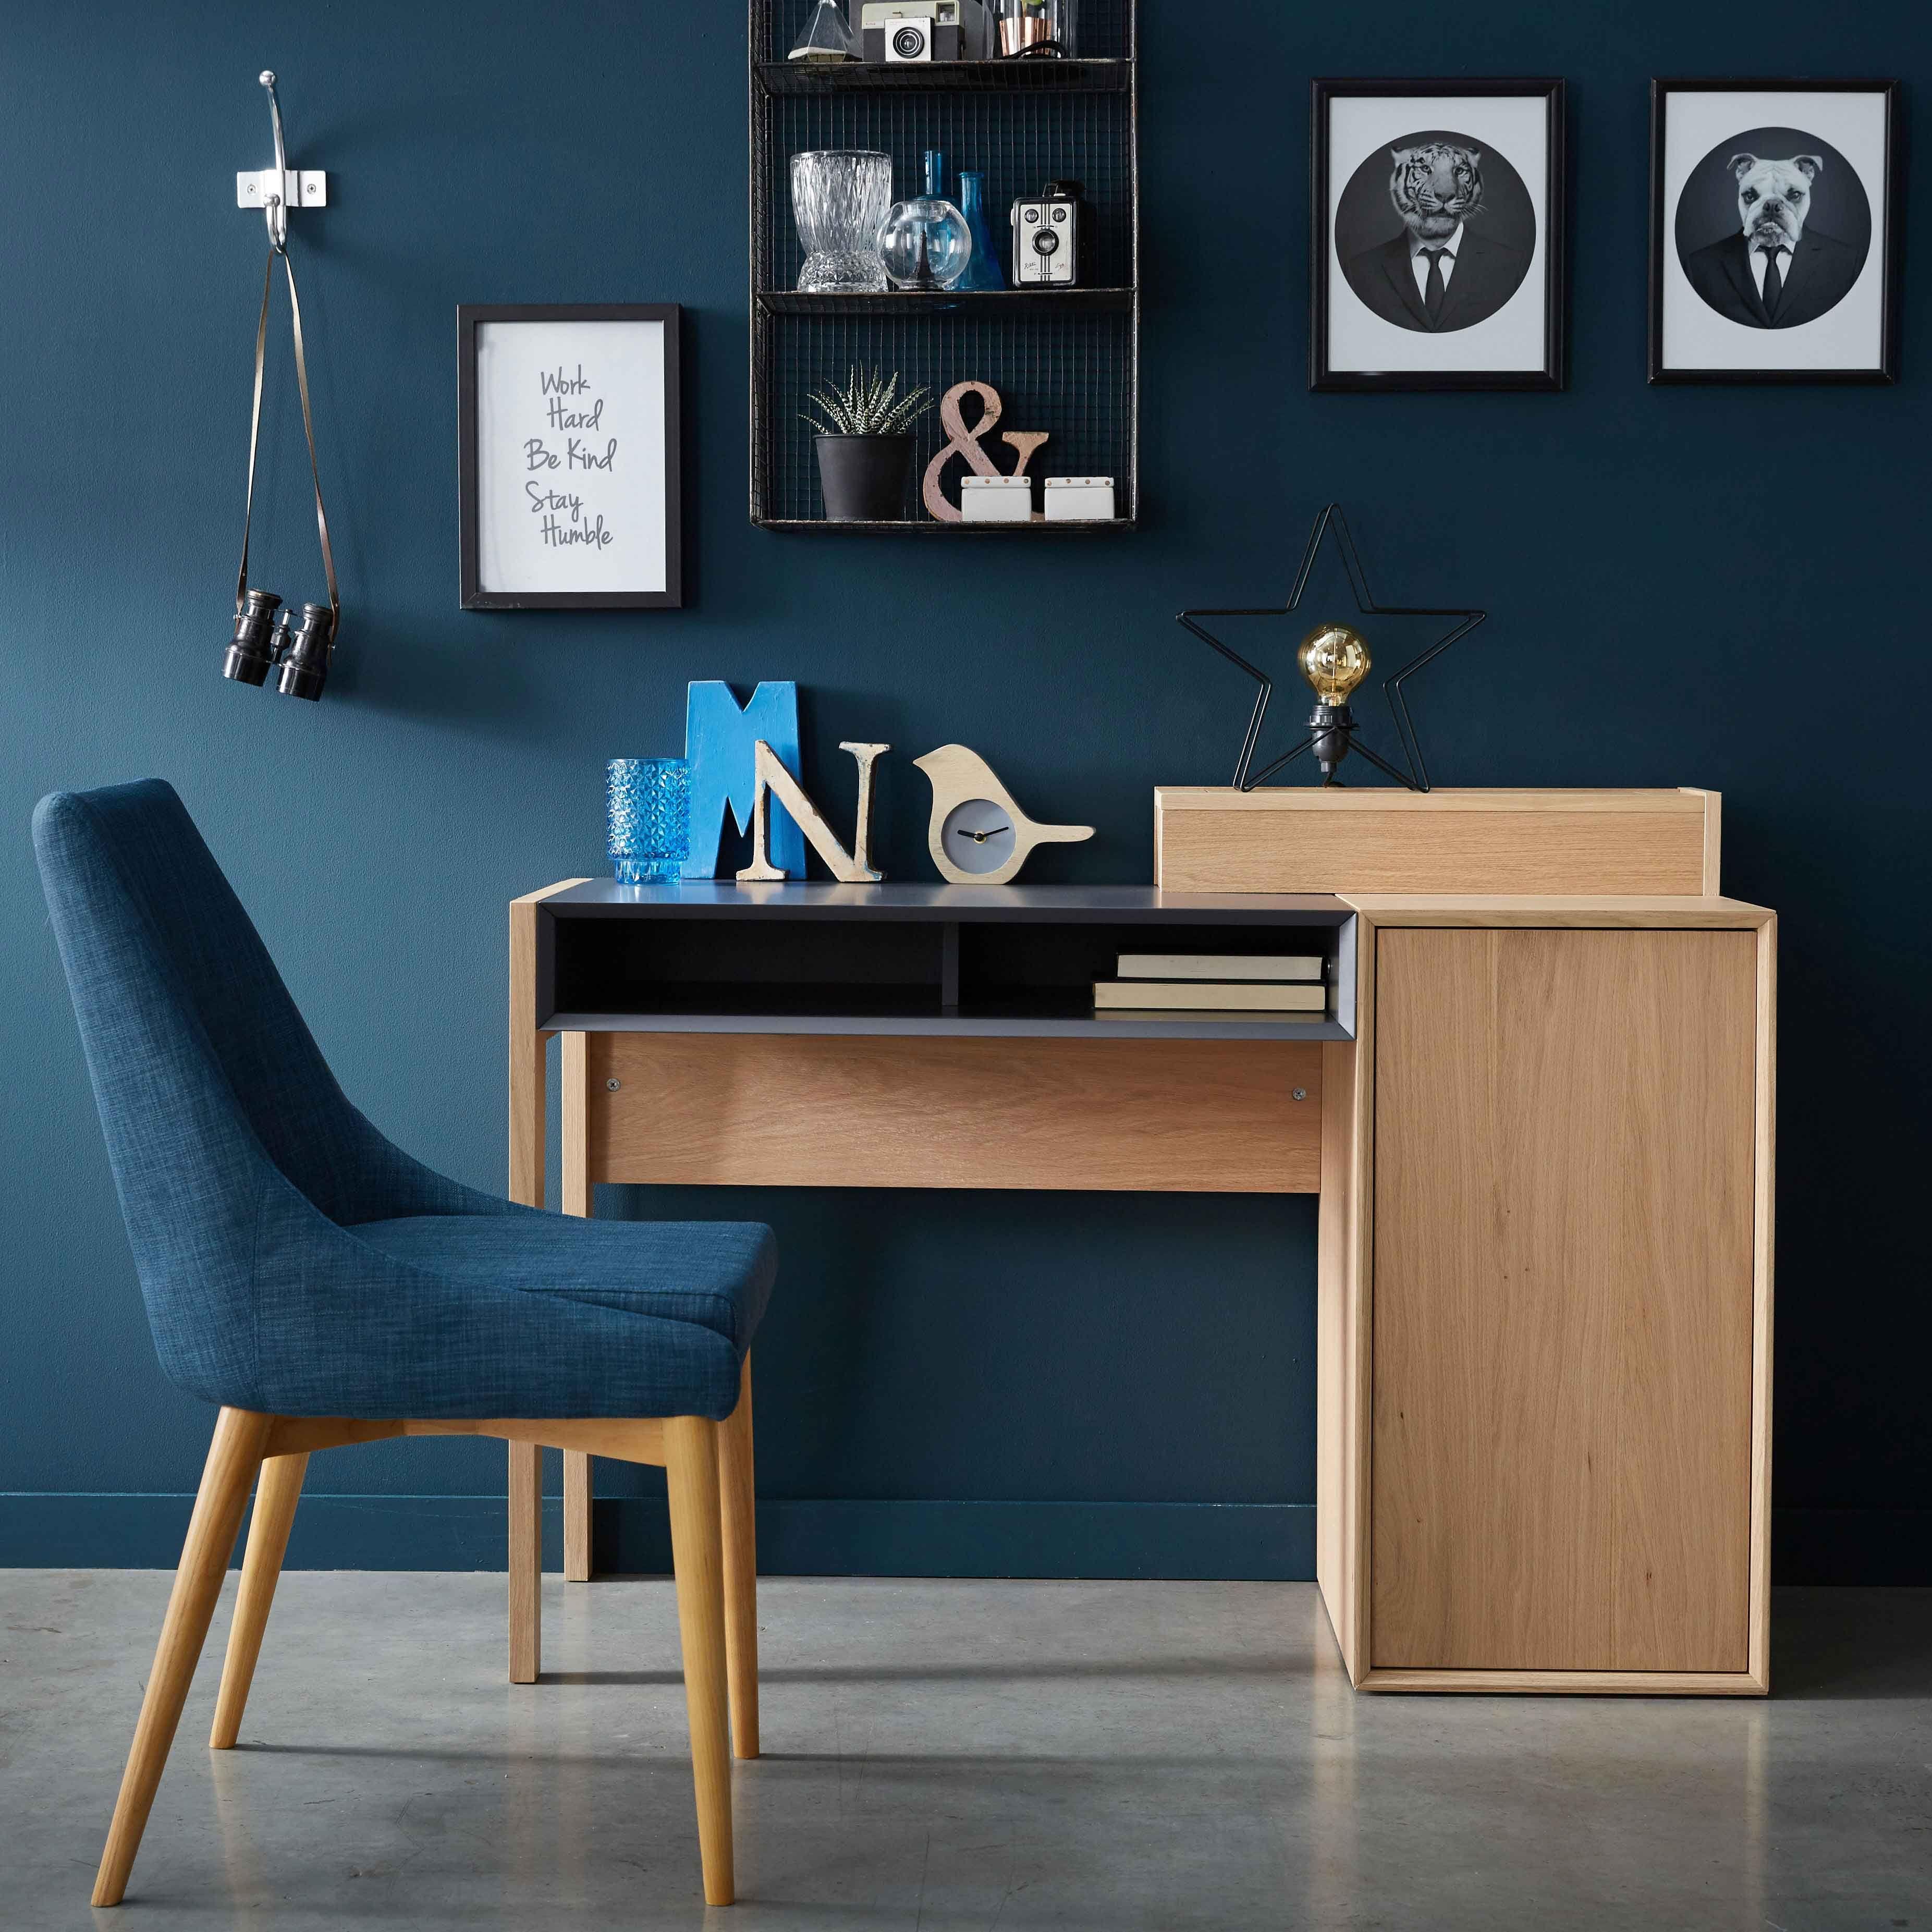 Marcia Bureau Avec Caisson Et Niche Coloris Chene Clair Et Gris Decoration Deco Maison Alinea Deco Maison Decoration Maison Pieces Bleues